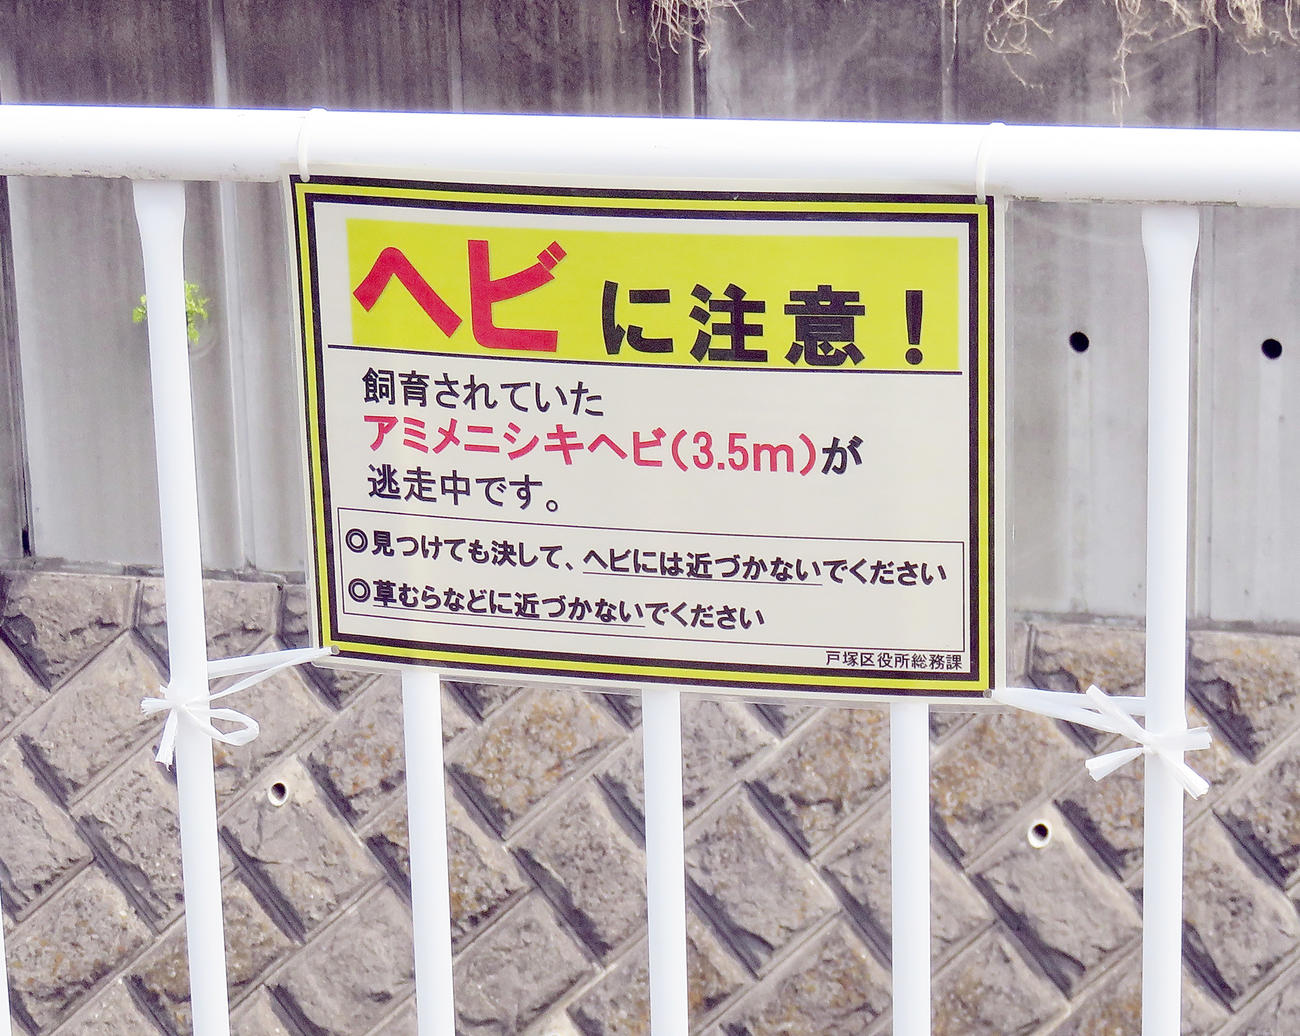 アミメニシキヘビが逃げ出した近くの名瀬川に掲示されている注意喚起を促す看板(撮影・鎌田直秀)